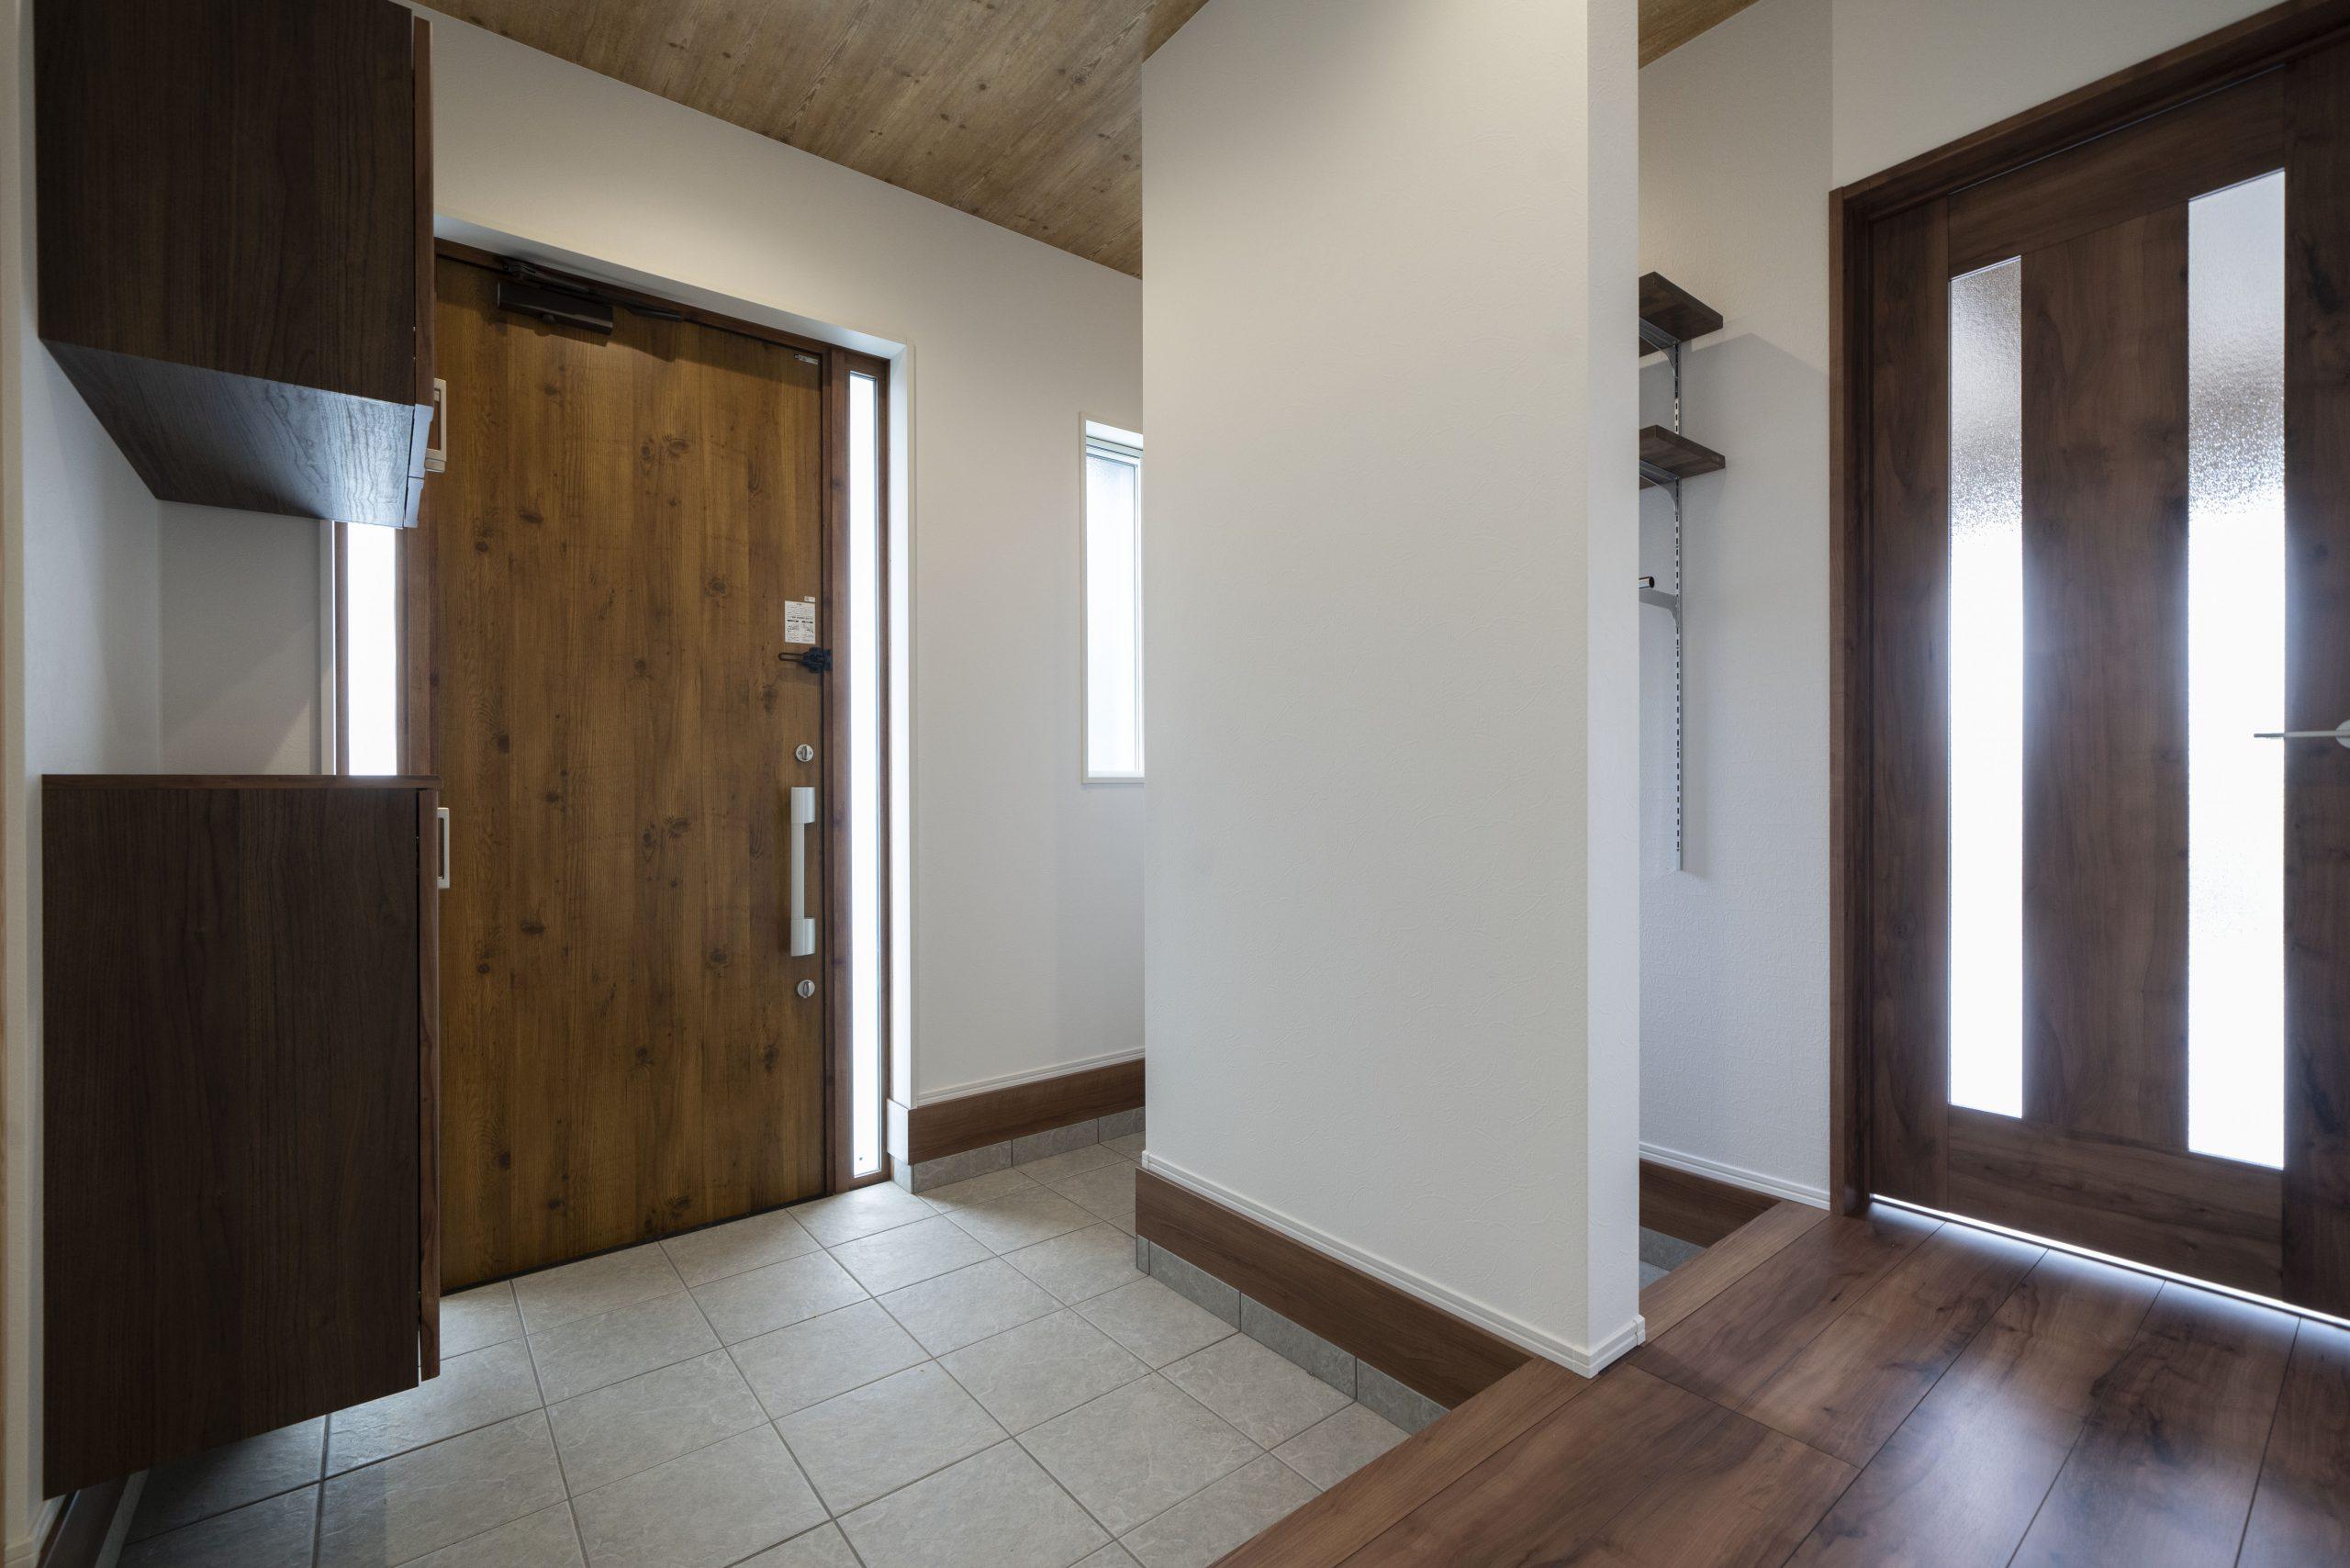 シューズクロークのある玄関